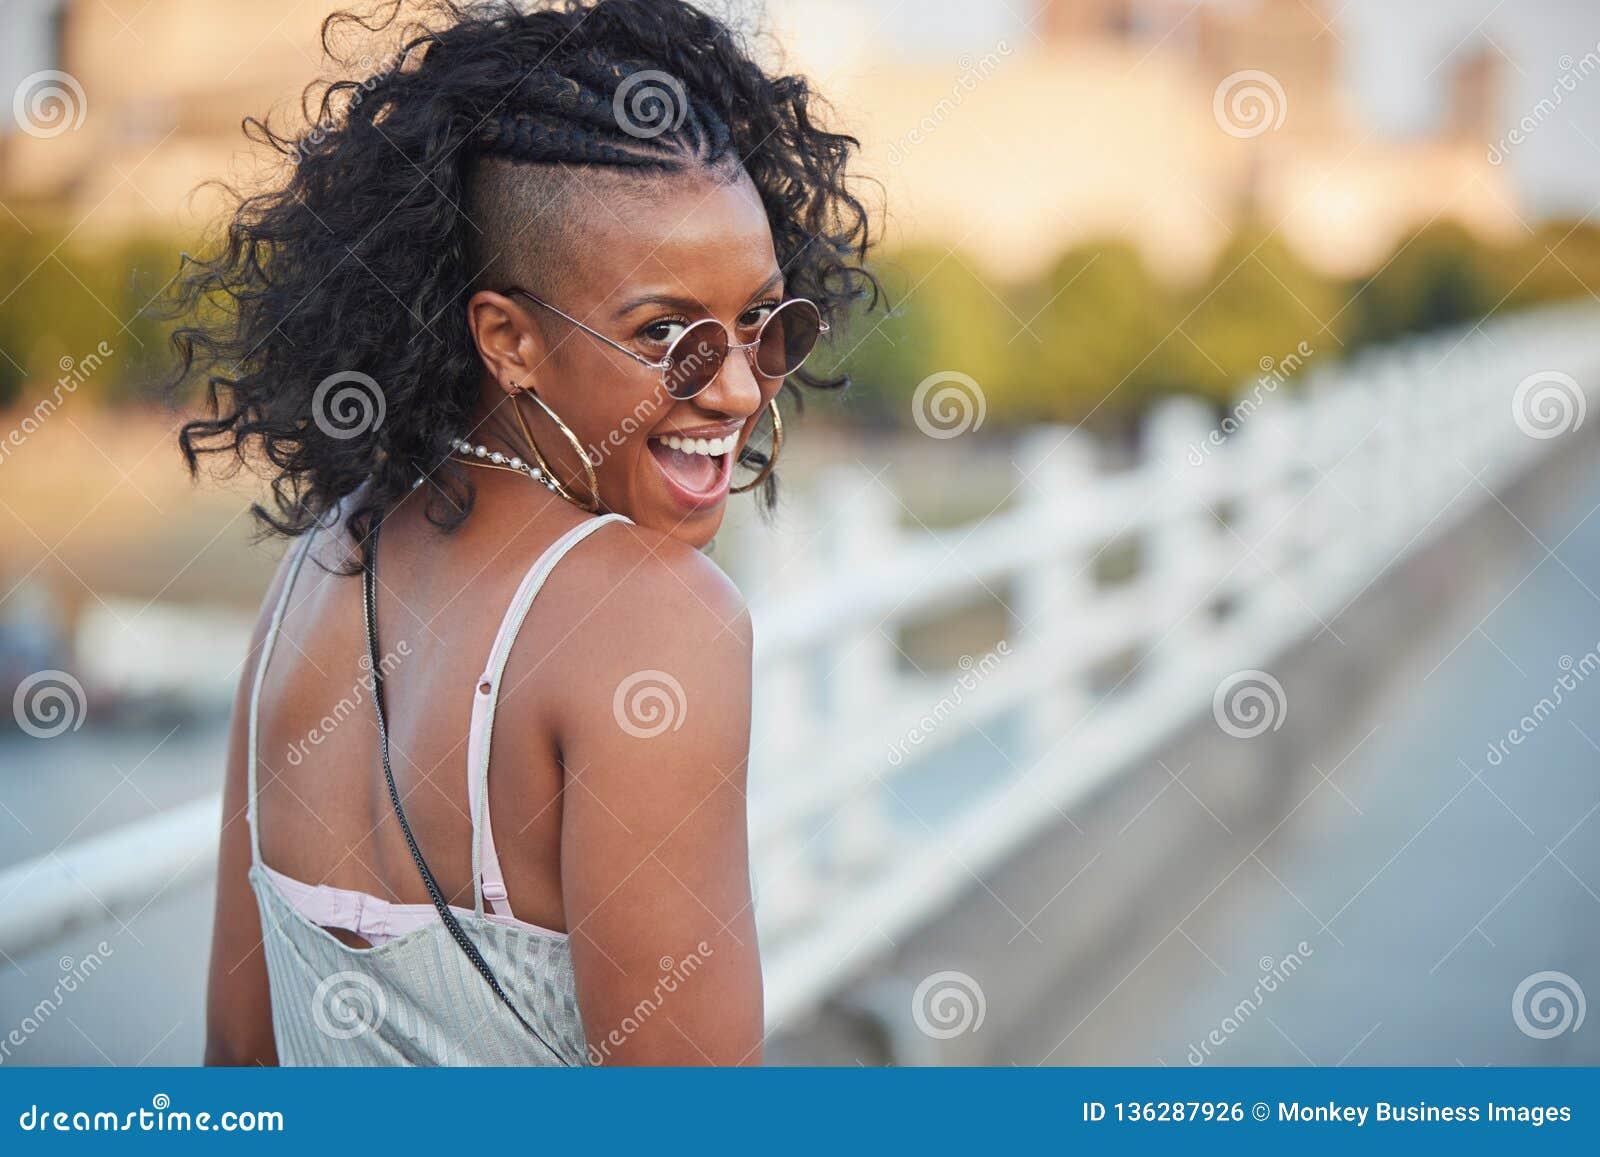 Femme à la mode dans la camisole rayée et des lunettes de soleil, tournant